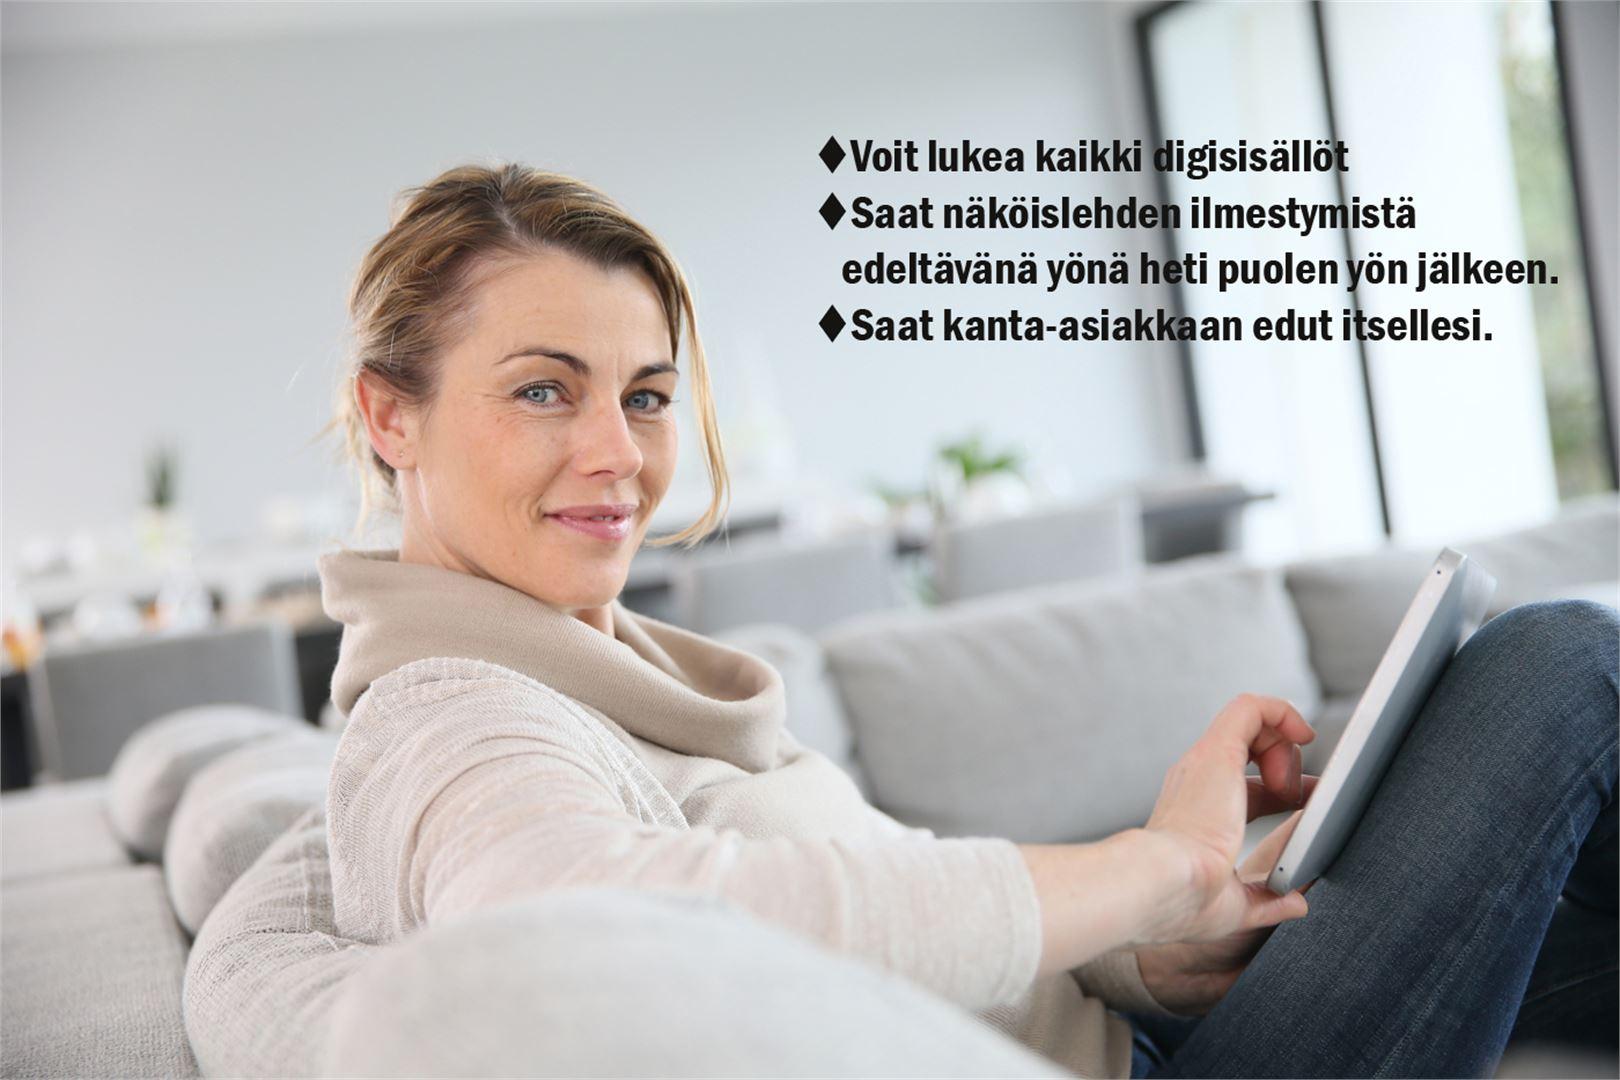 psma3dk1kk7,70